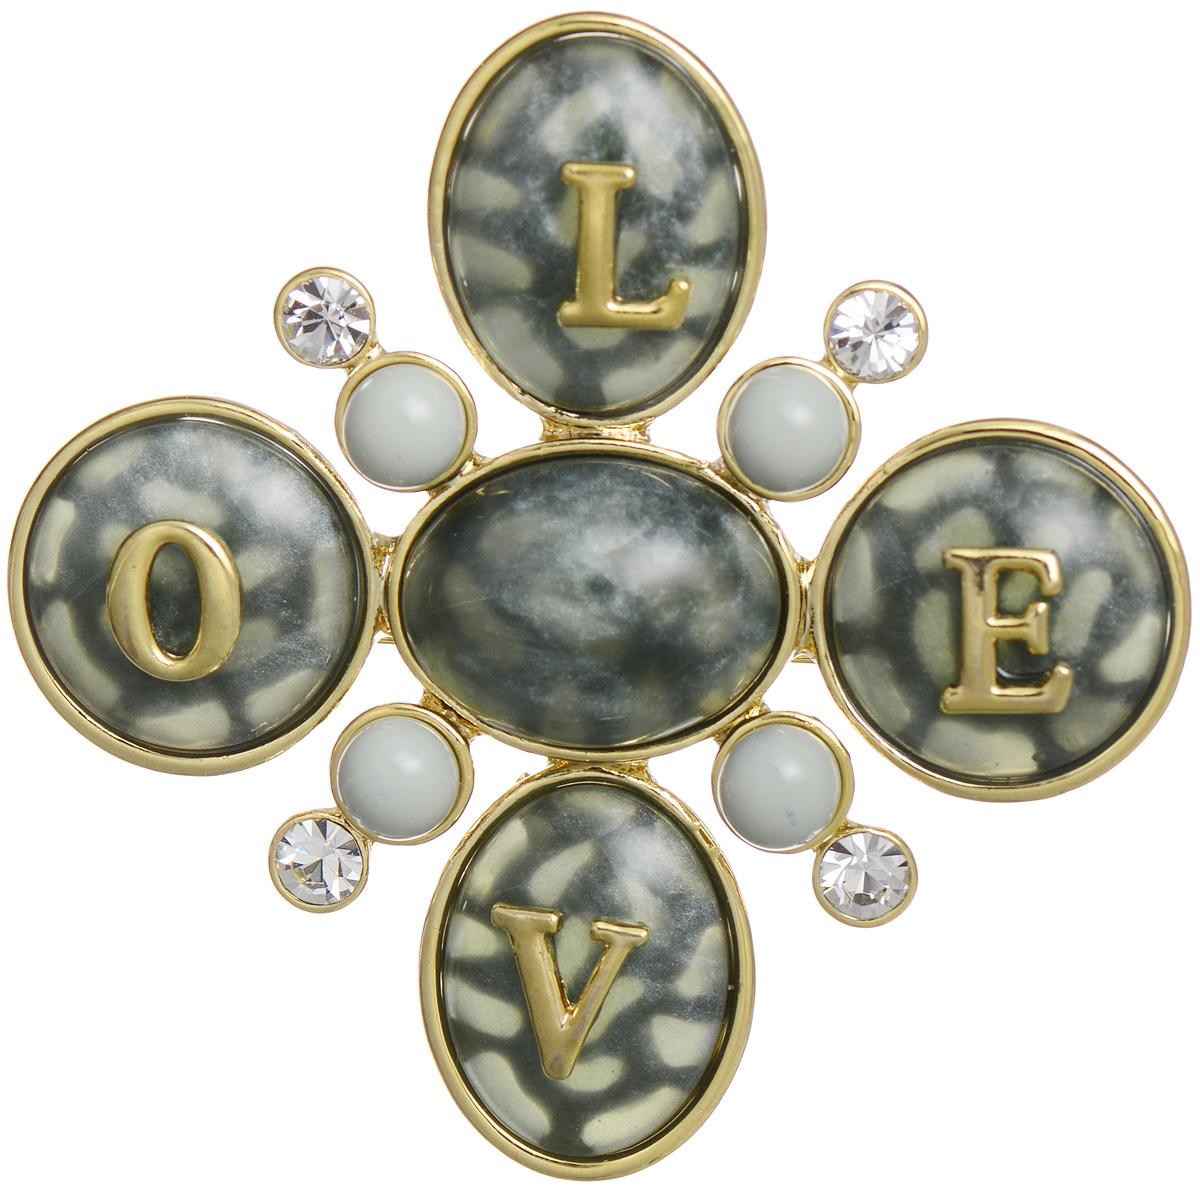 Брошь Art-Silver, цвет: золотистый, серый. MH05874-G-C-814MH05874-G-C-814Эффектная брошь Art-Silver, выполнена в оригинальном стиле с надписью Love из бижутерного сплава и оформлена камнями и стразами. Брошь крепится с помощью иголки с замочком. Такая брошь позволит вам с легкостью воплотить самую смелую фантазию и создать собственный, неповторимый образ.